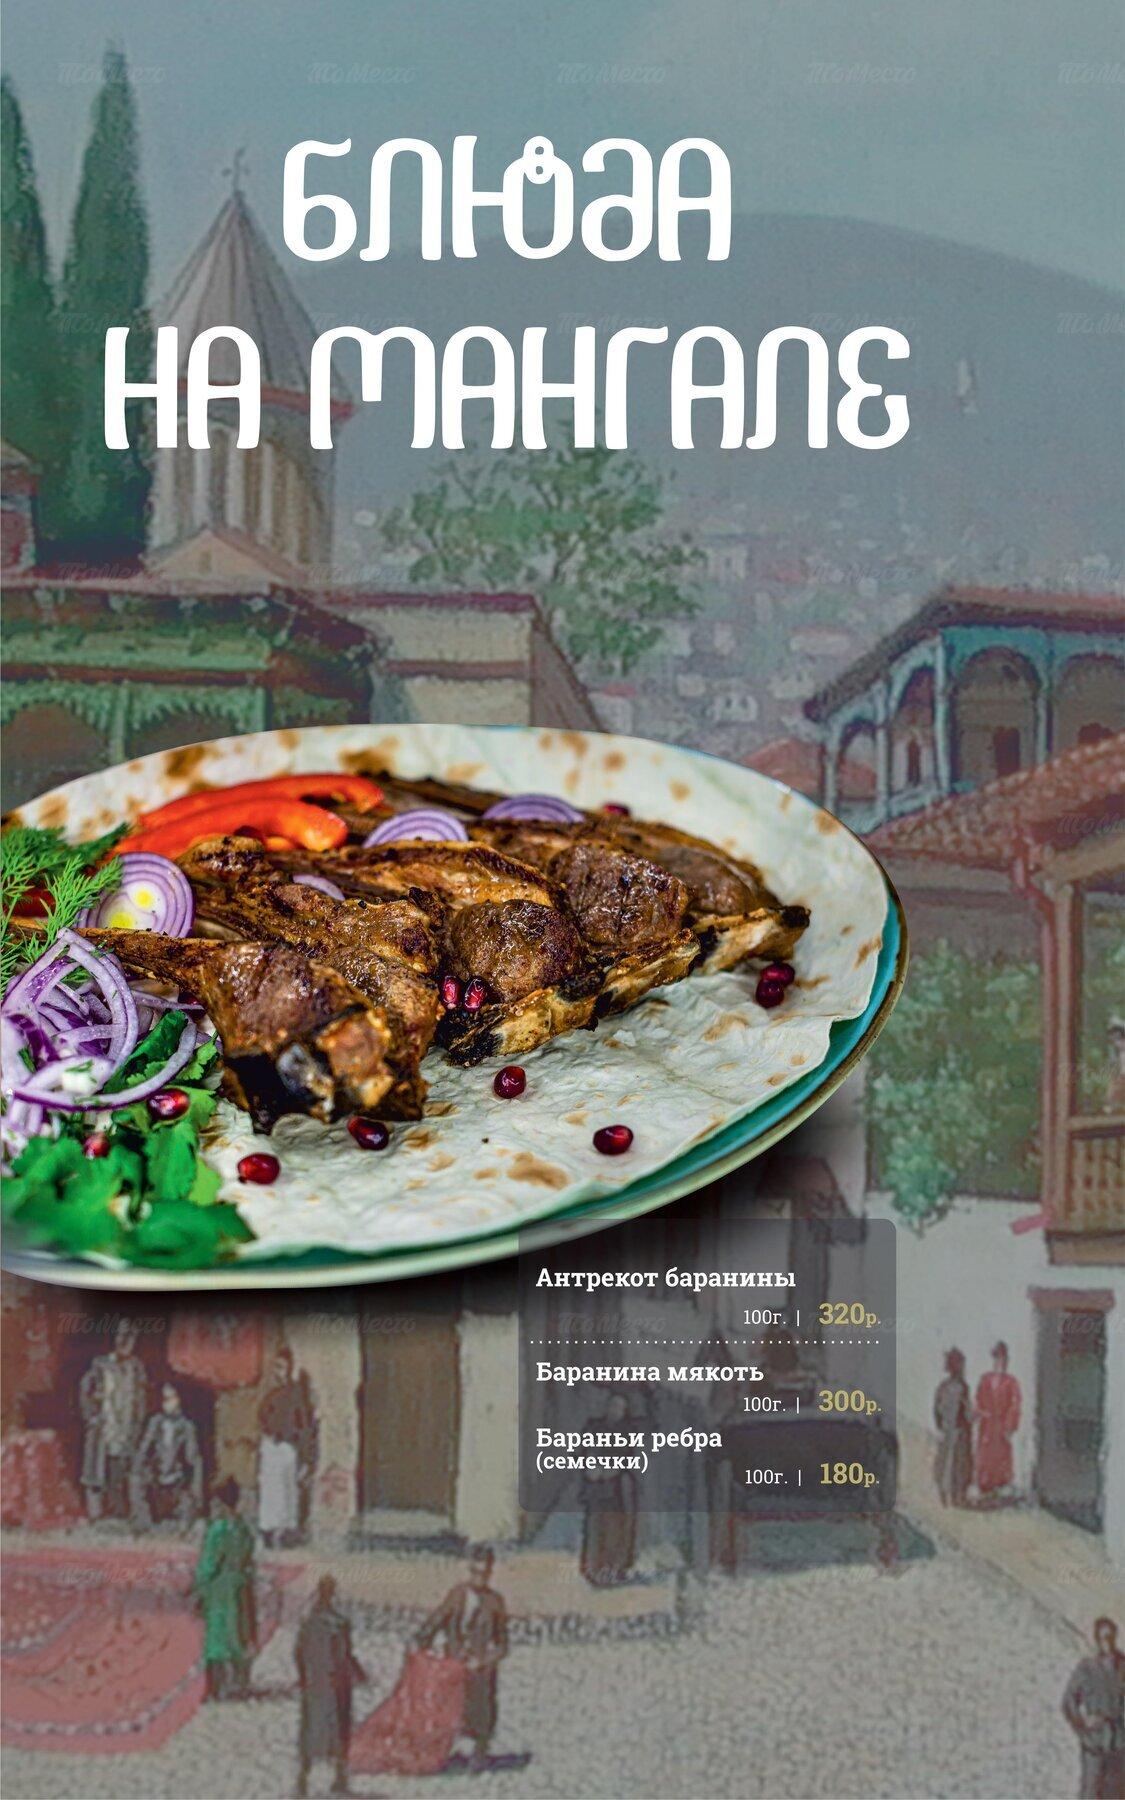 Меню ресторана Хванчкара на улице Селезнёва фото 22